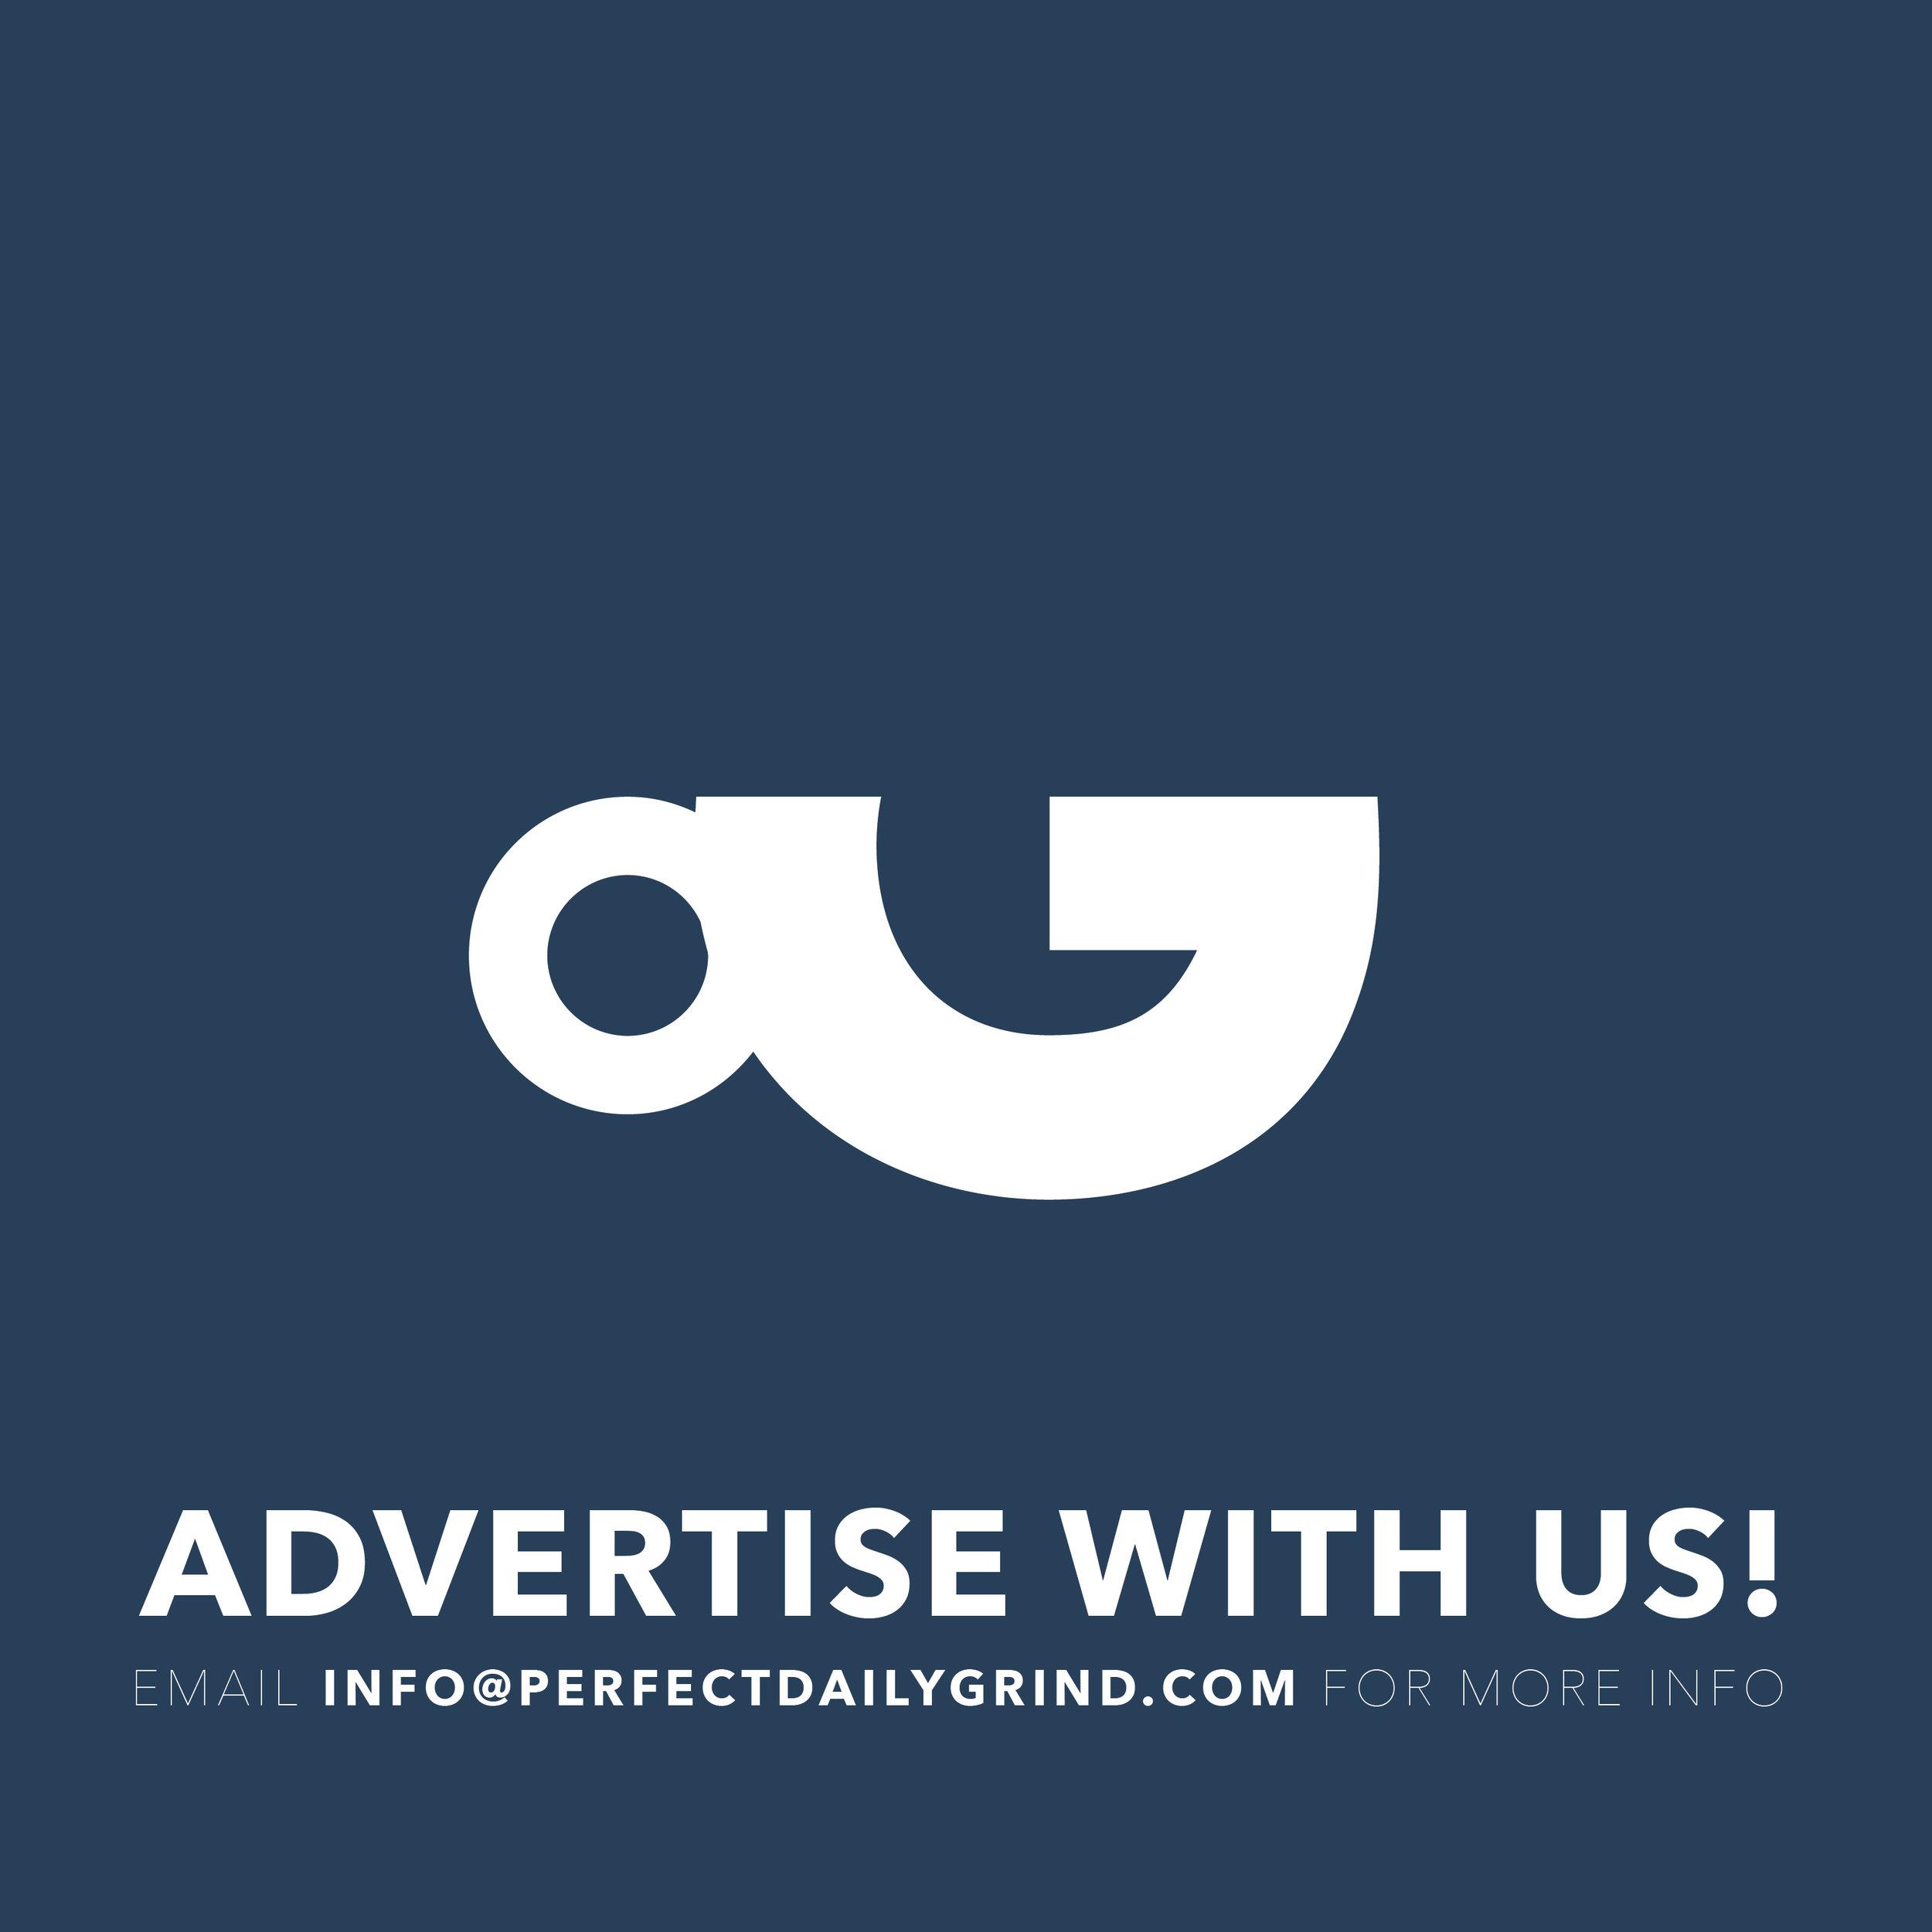 AdvertiseWithUs-2.jpg